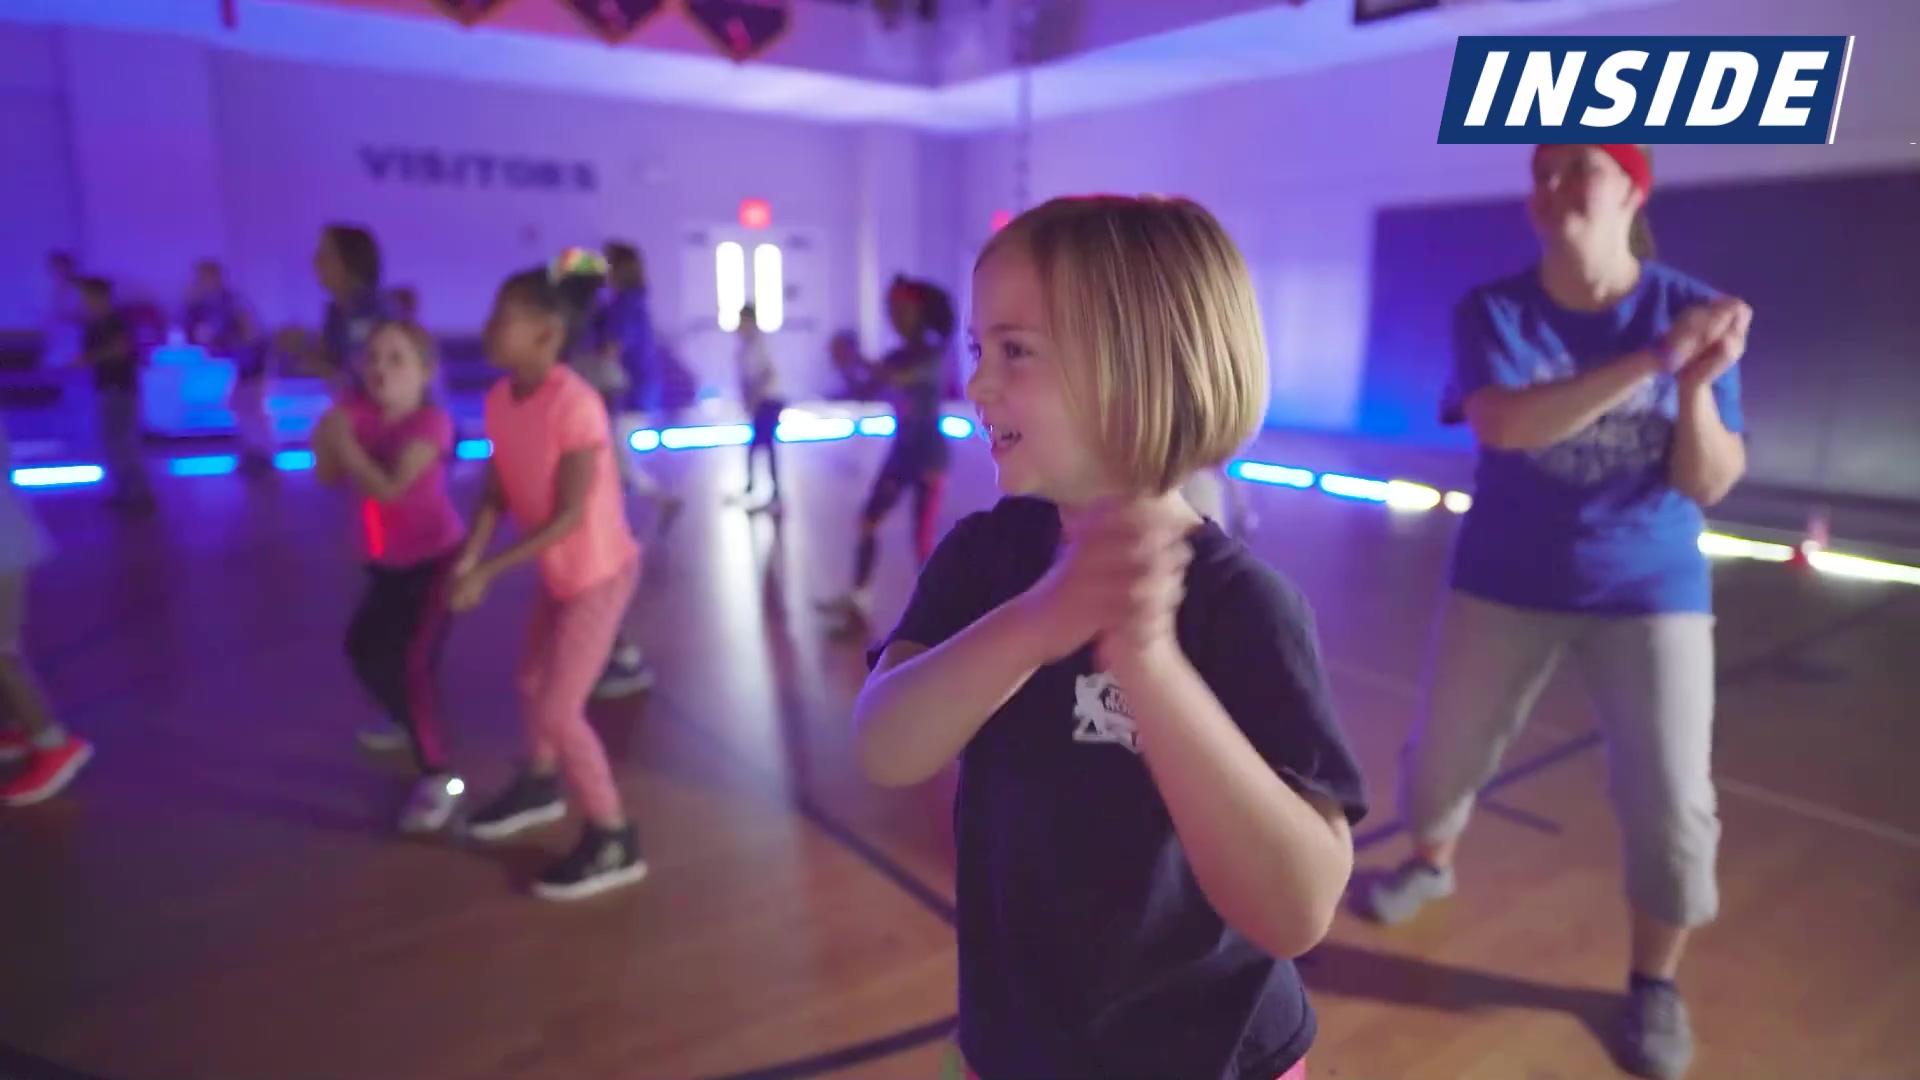 Dance Fit Website Copy 01_1